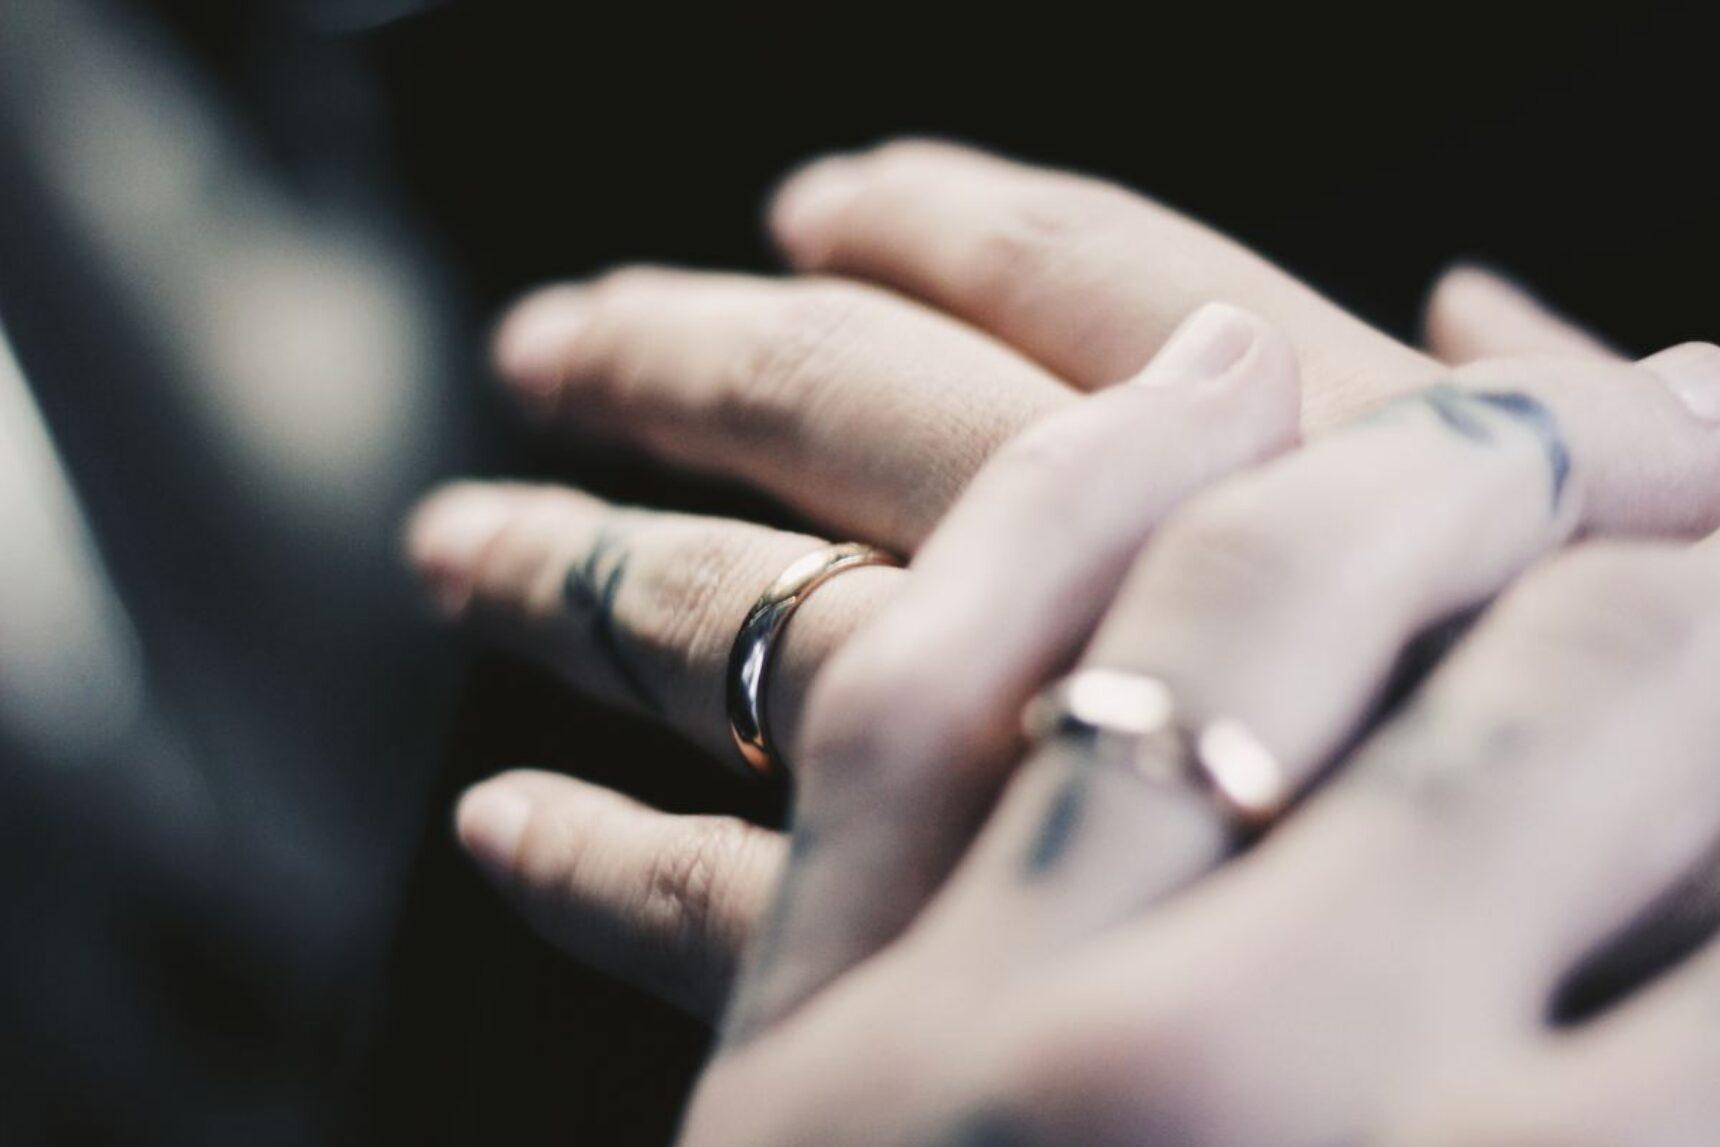 Tatuaż obrączka zamiast złotego krążka? Sprawdź, jakie wzory są najmodniejsze!